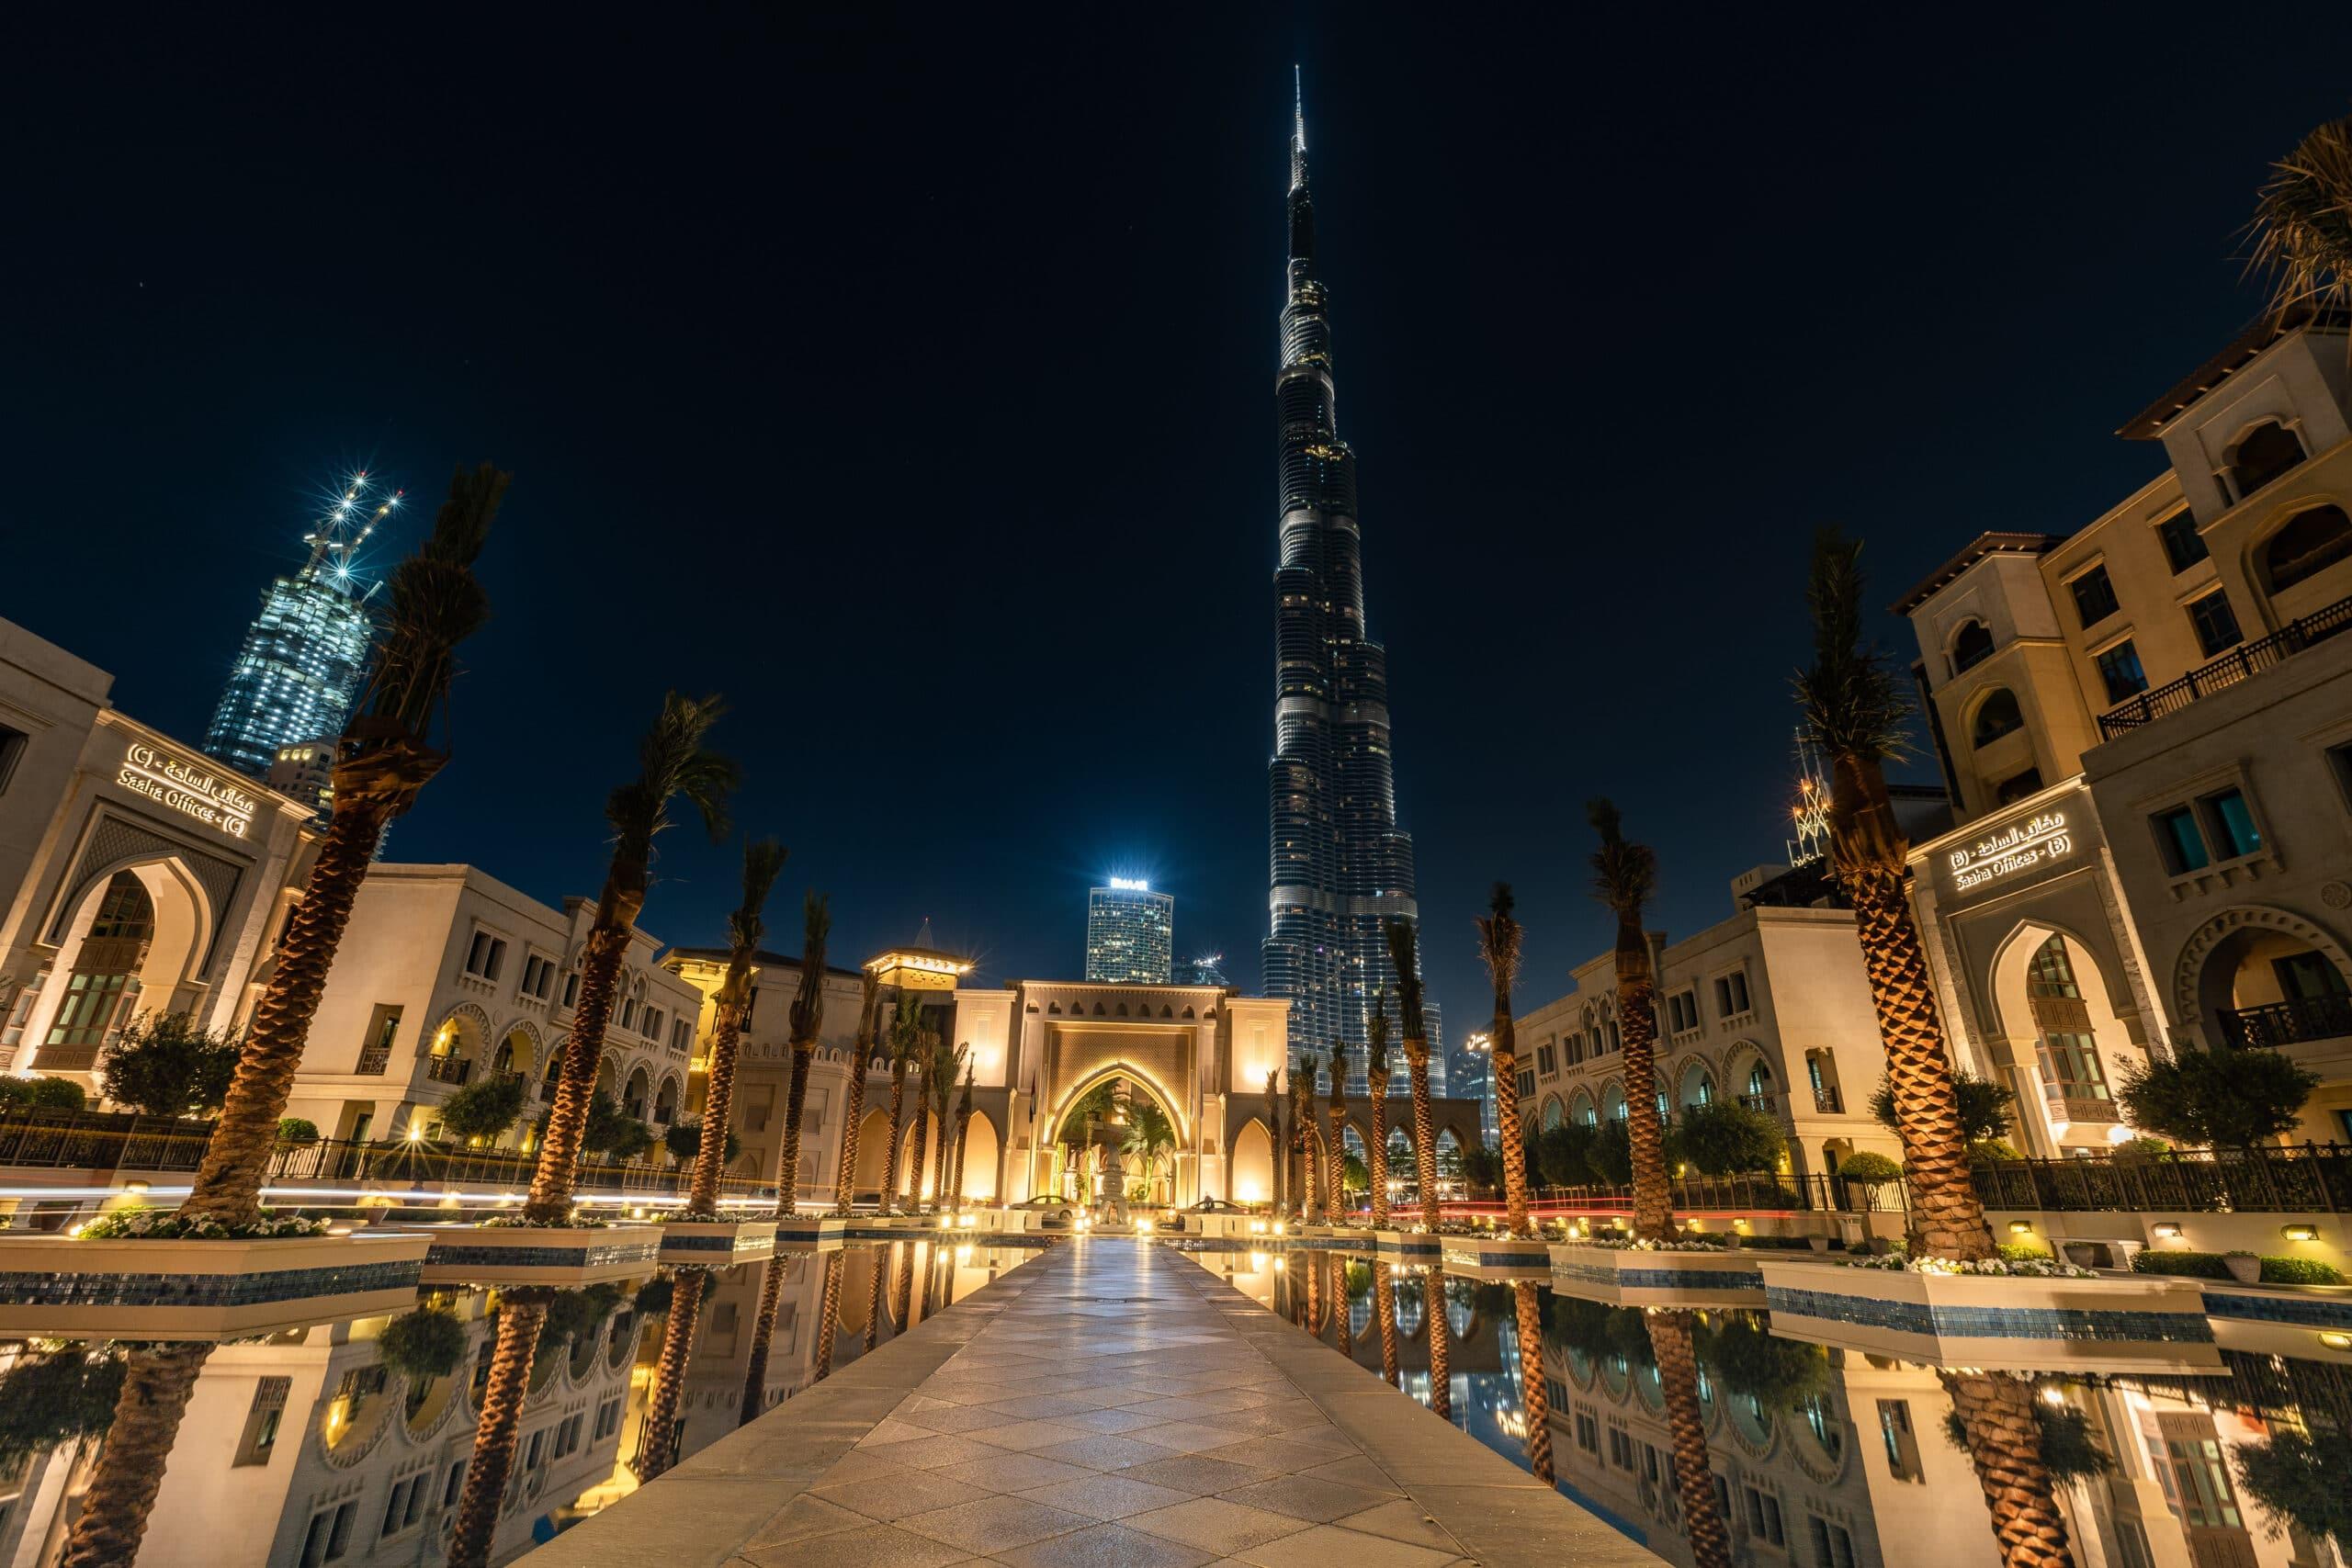 Verenigde-Arabische-Emiraten-cruise-haven-Dubai-by night